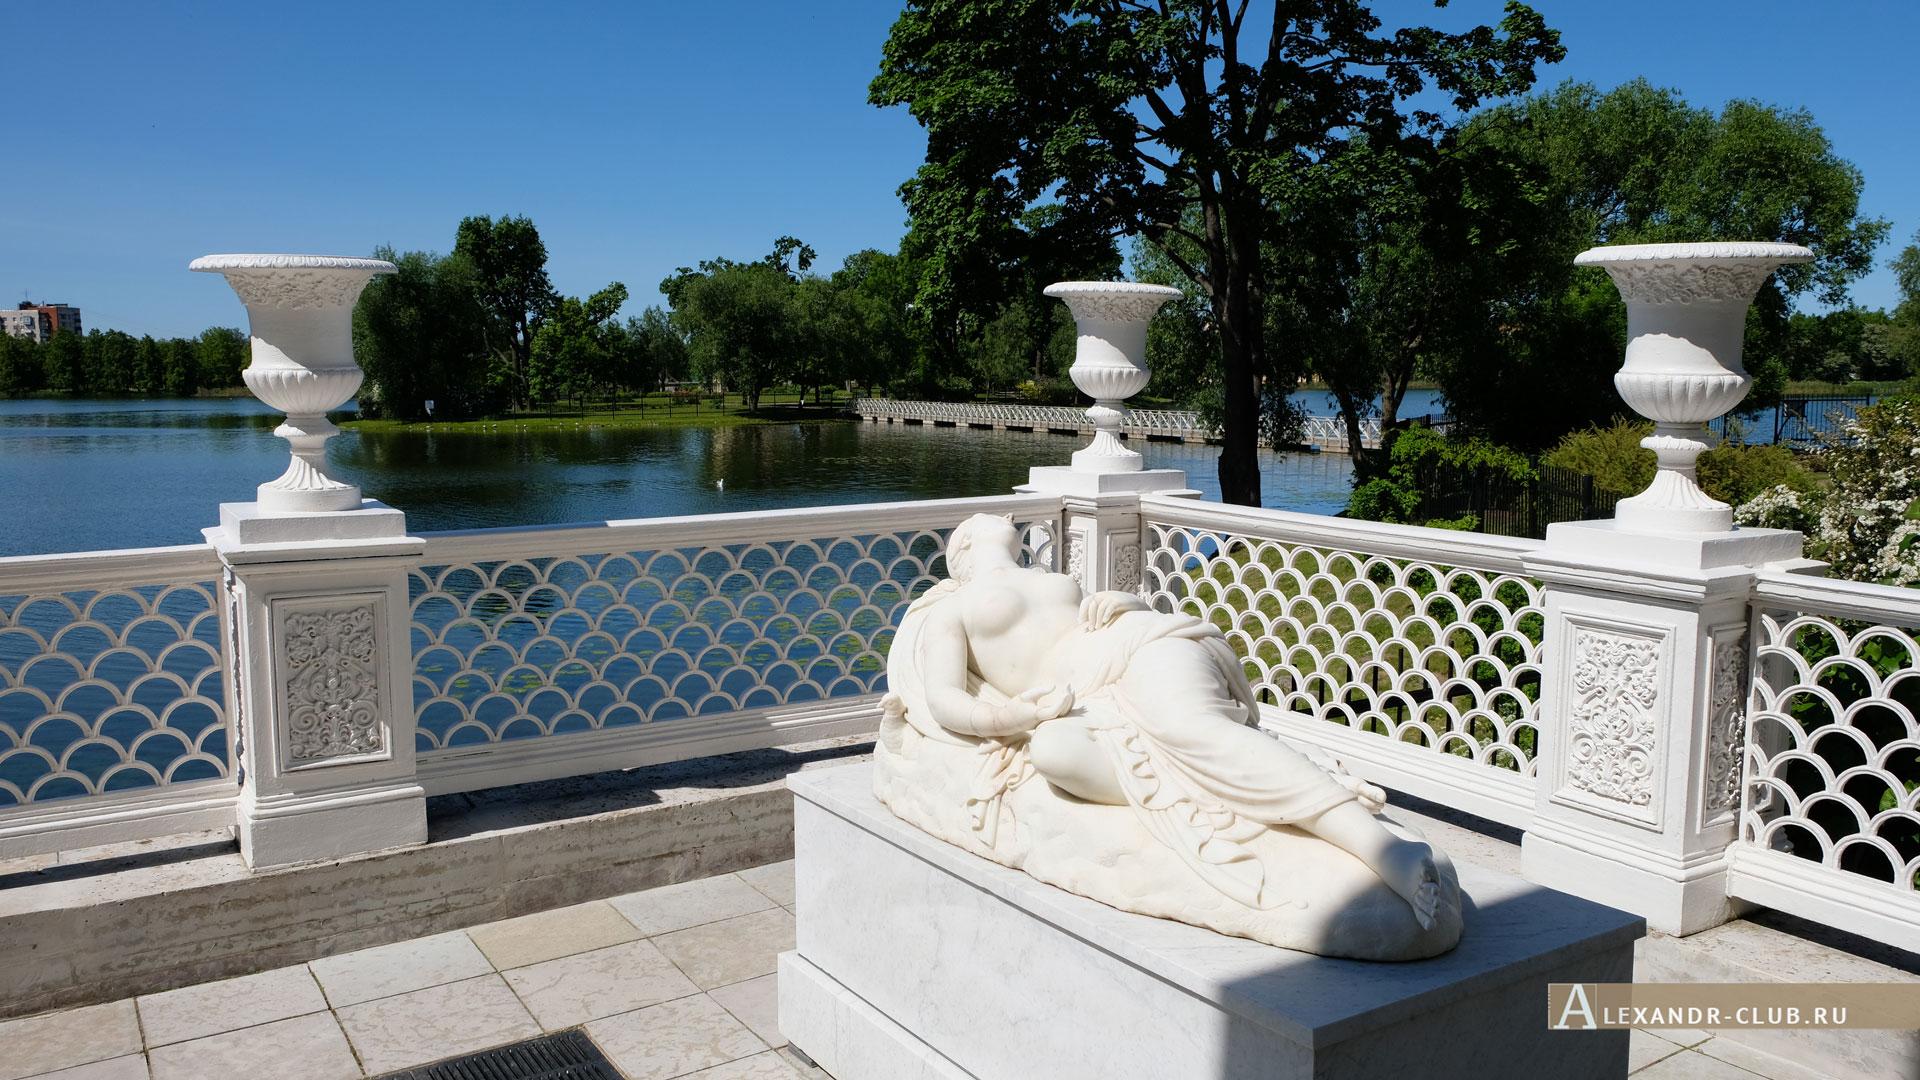 Петергоф, Колонистский парк, лето, Царицын павильон, терраса, «Спящая Венера»